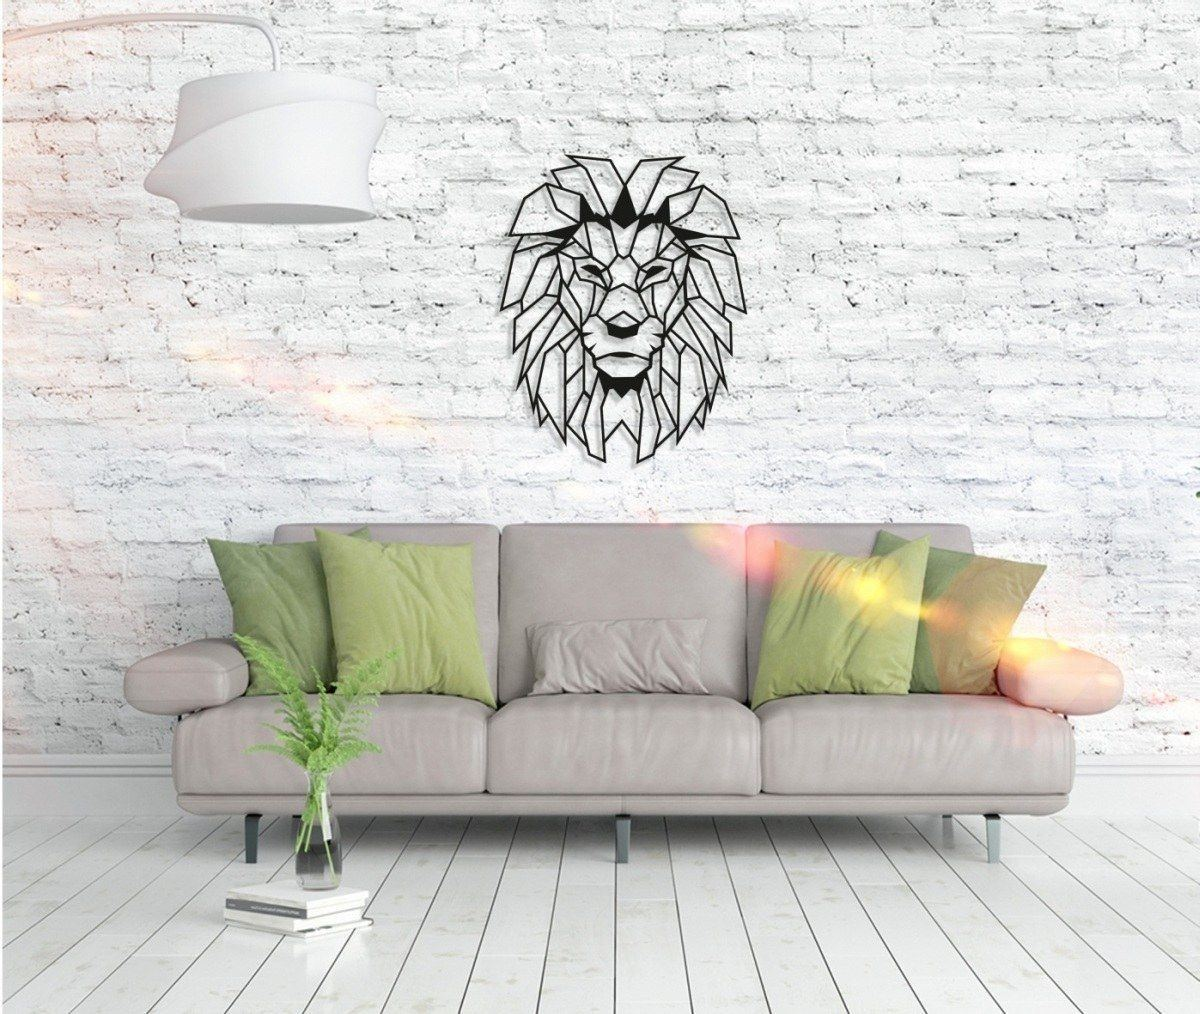 Metall wandbild lion head metall wandbilder wandbilder wohnzimmerm bel - Metall wandbilder ...